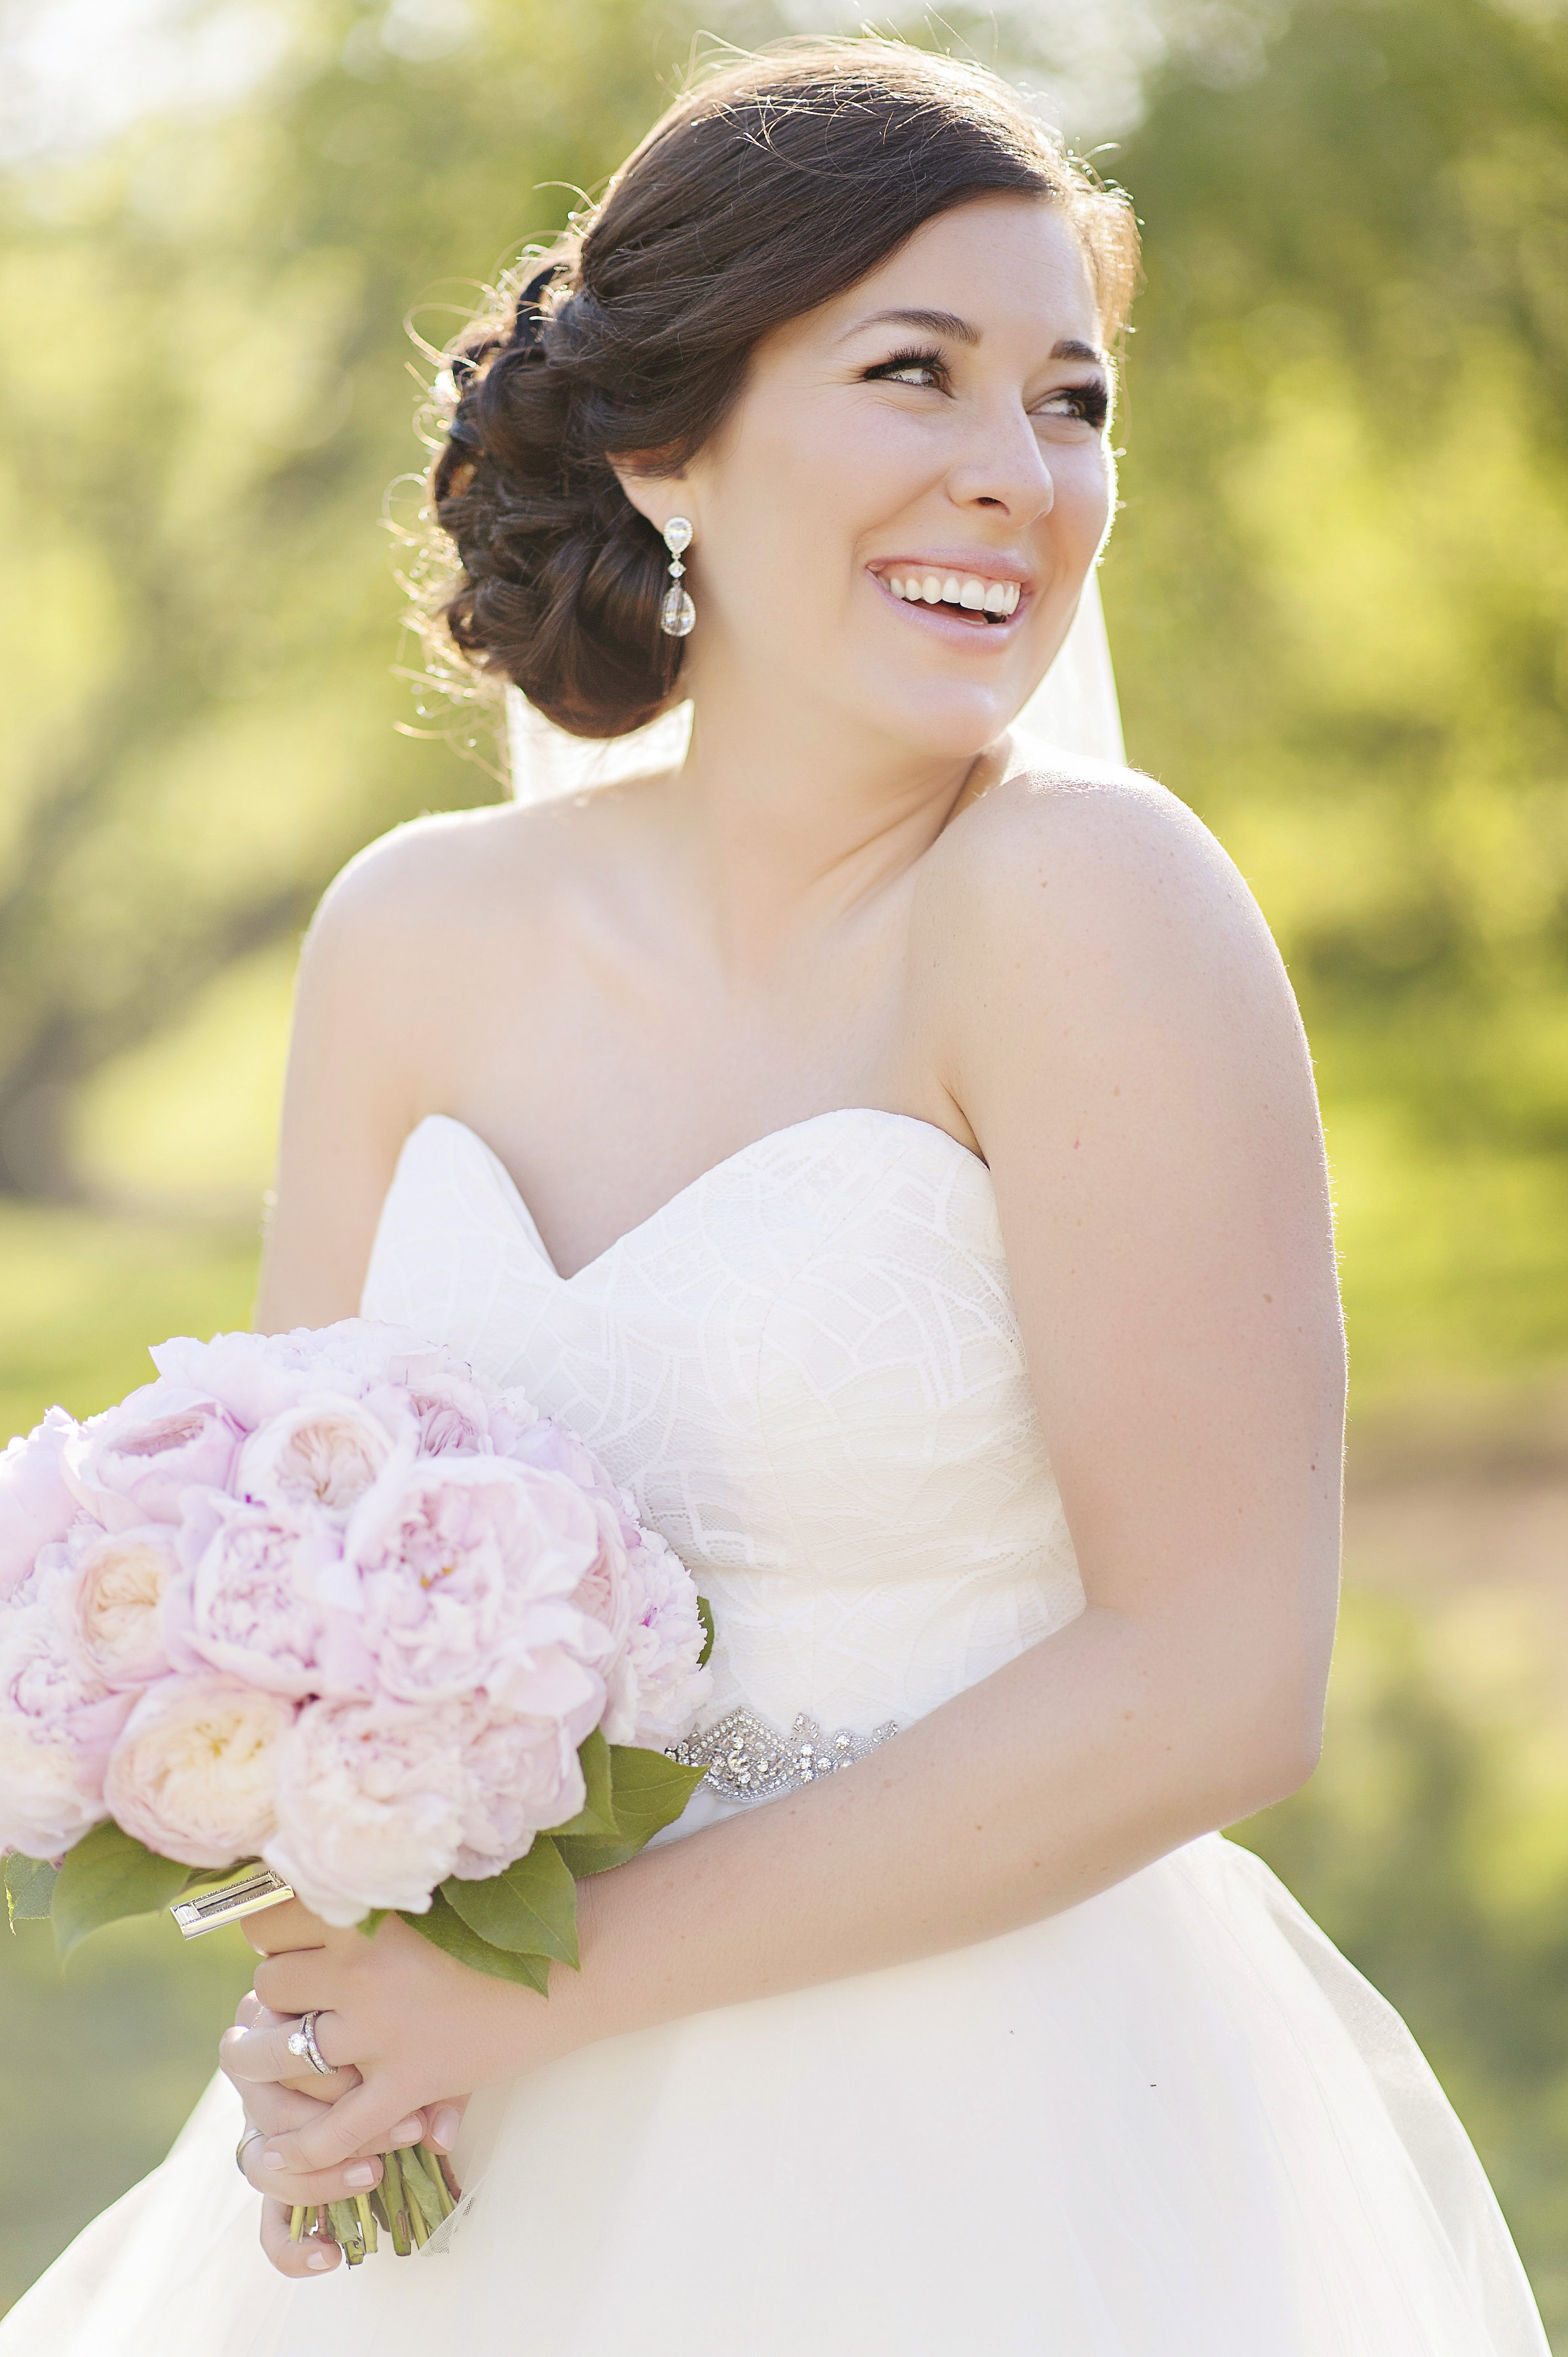 Pink Bride Bouquet Arrangement at The Renaissance